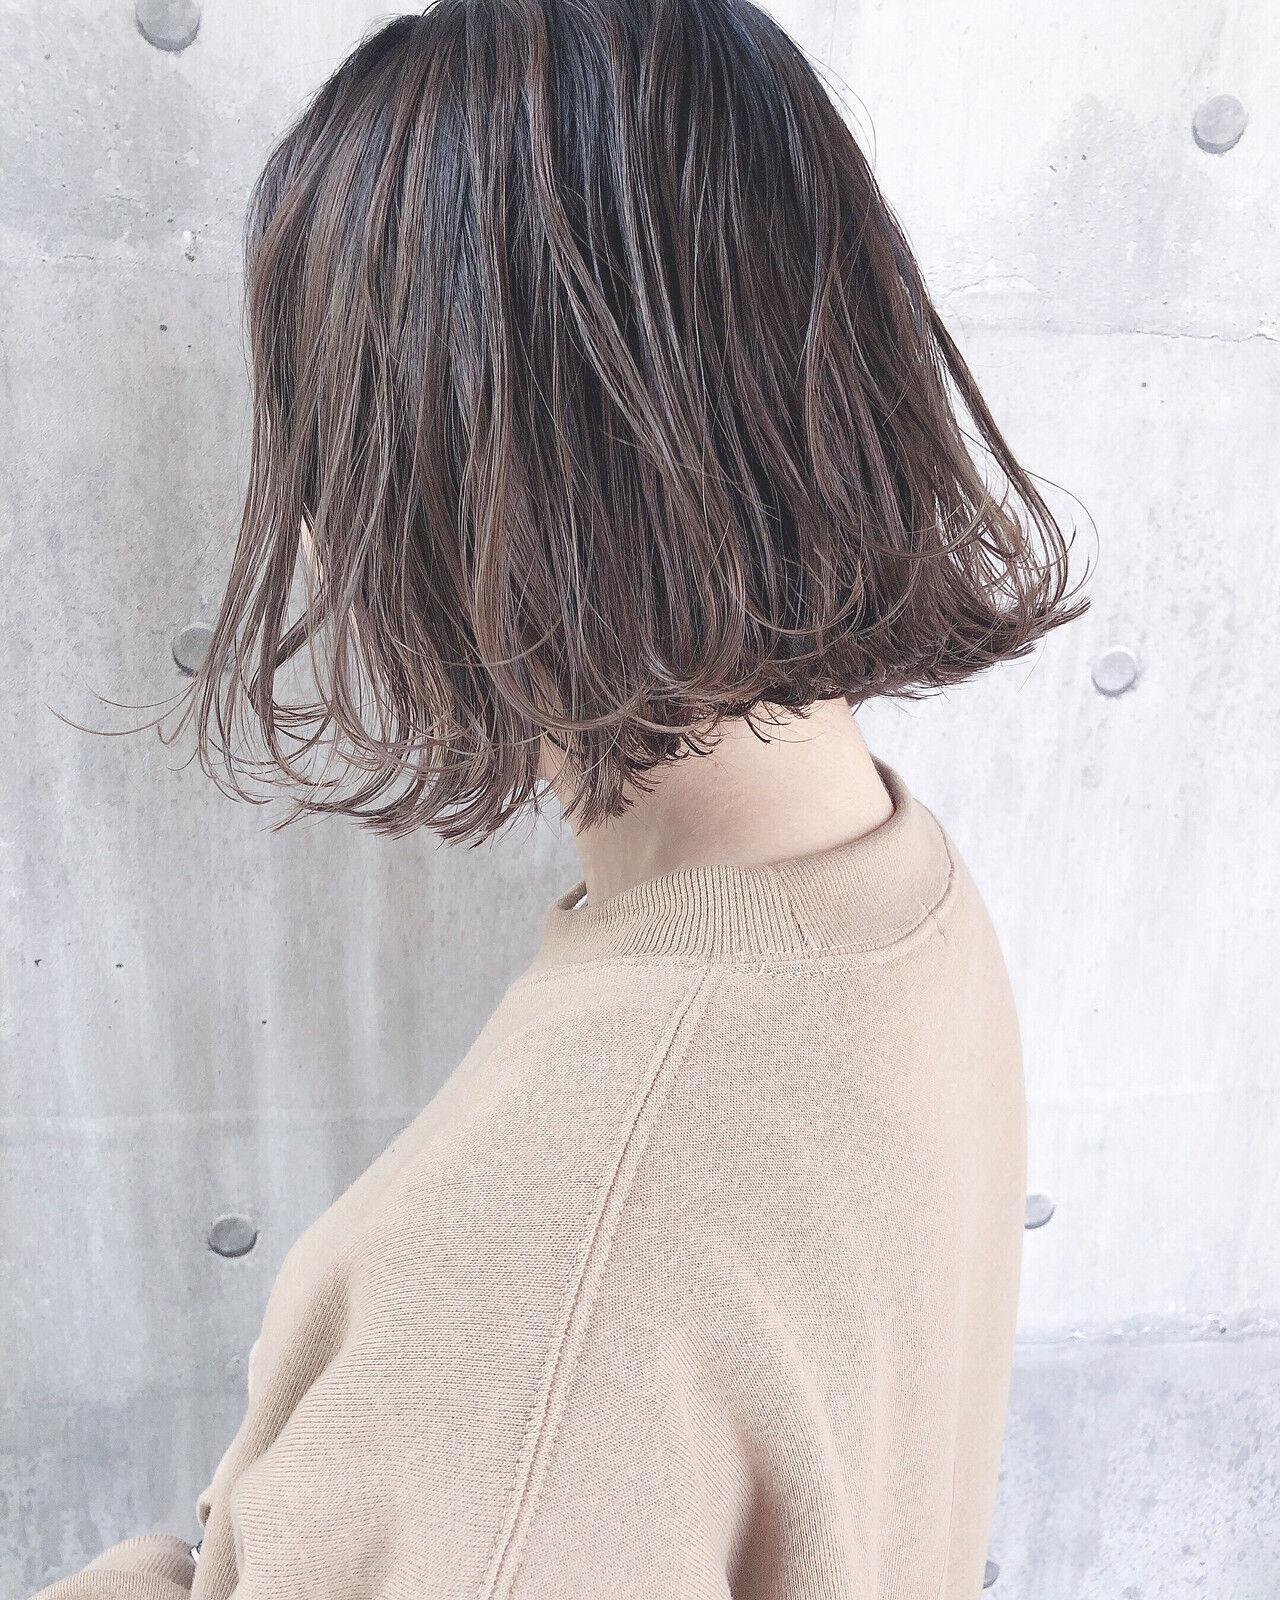 ミルクティーベージュ パーマ ミルクティーグレージュ ミルクティーアッシュヘアスタイルや髪型の写真・画像